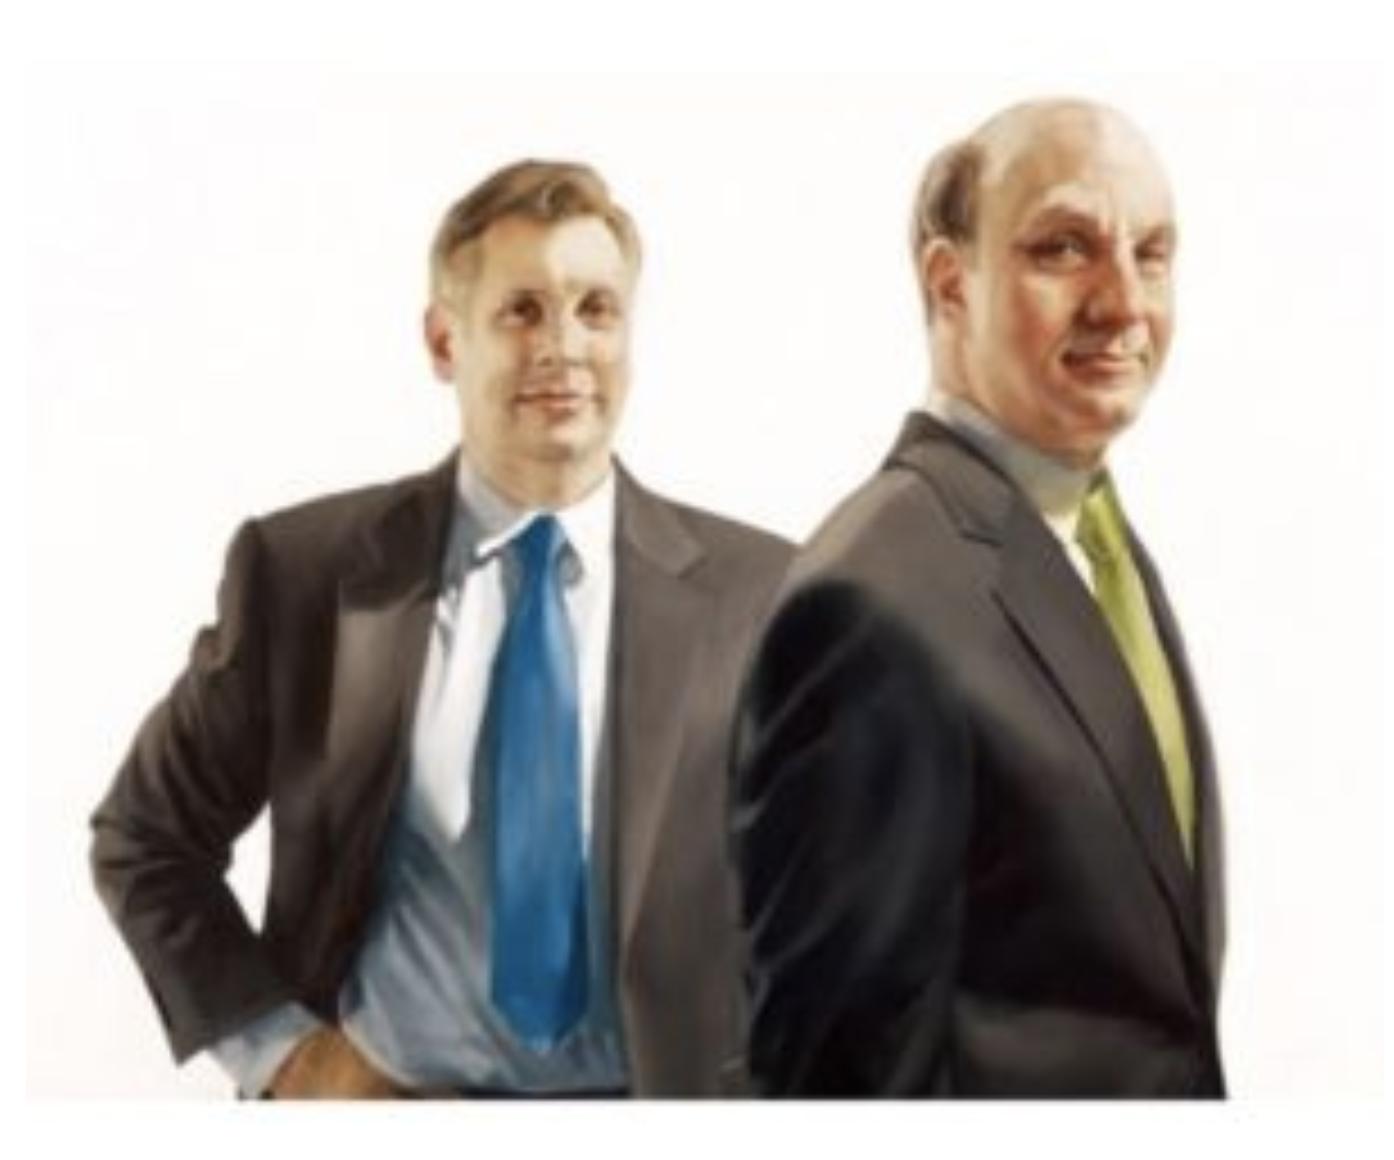 ジョン・オーバーデックとデービッド・シーゲル